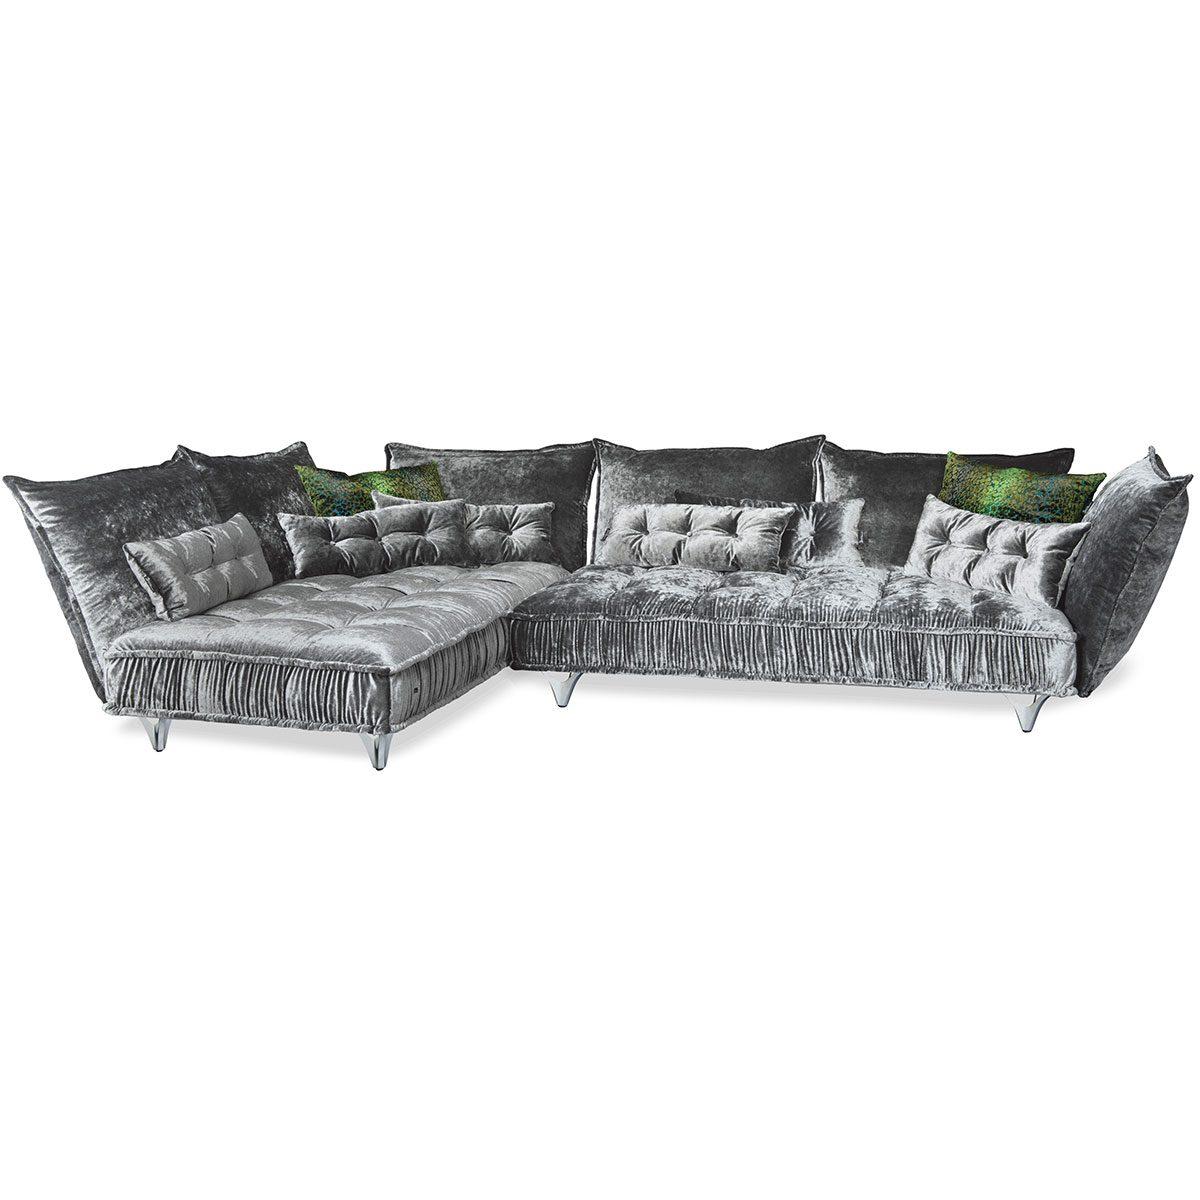 Bretz Sofa OHLINDA Z118li in silberschimmer